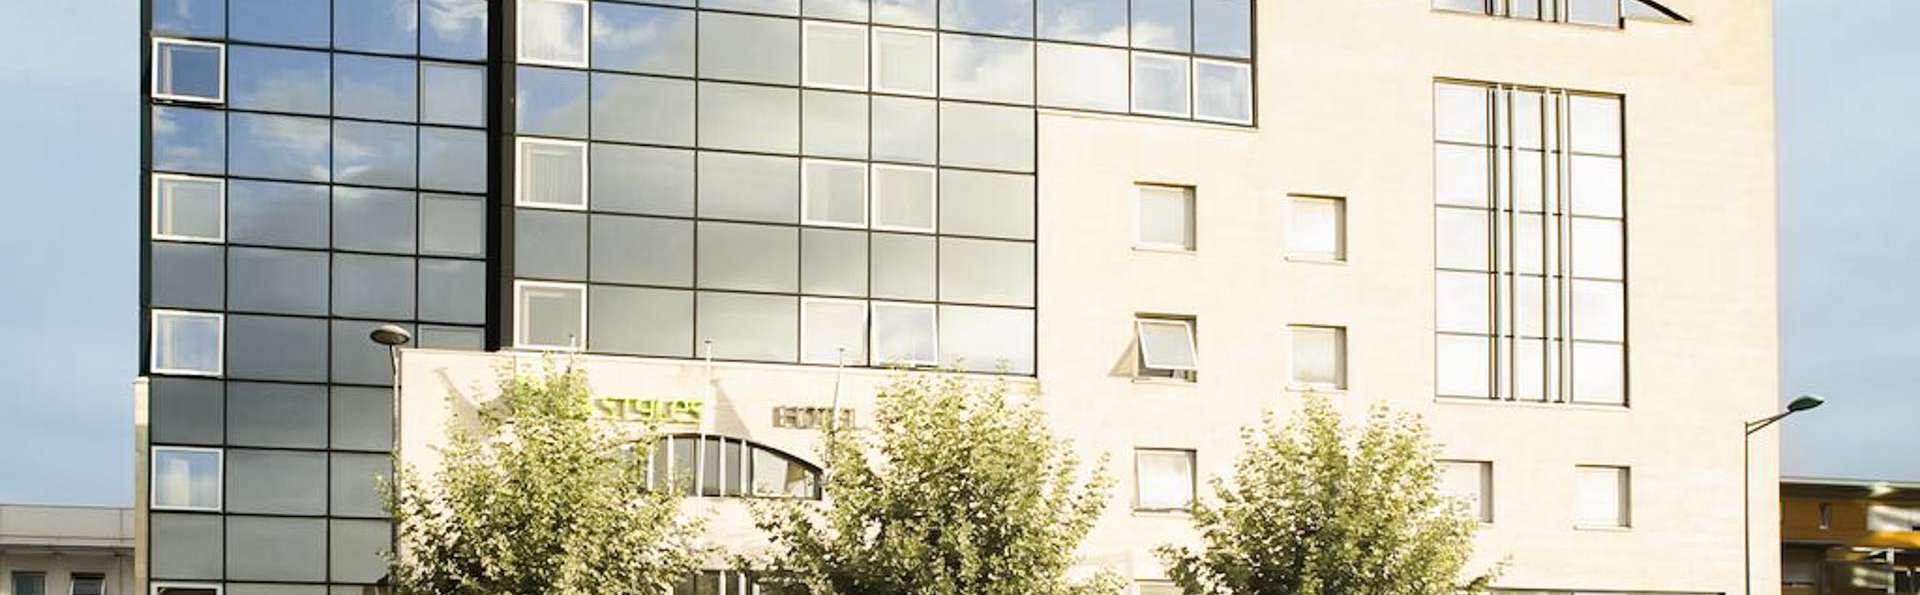 Ibis Styles Bordeaux Meriadeck - EDIT_FRONT_01.jpg